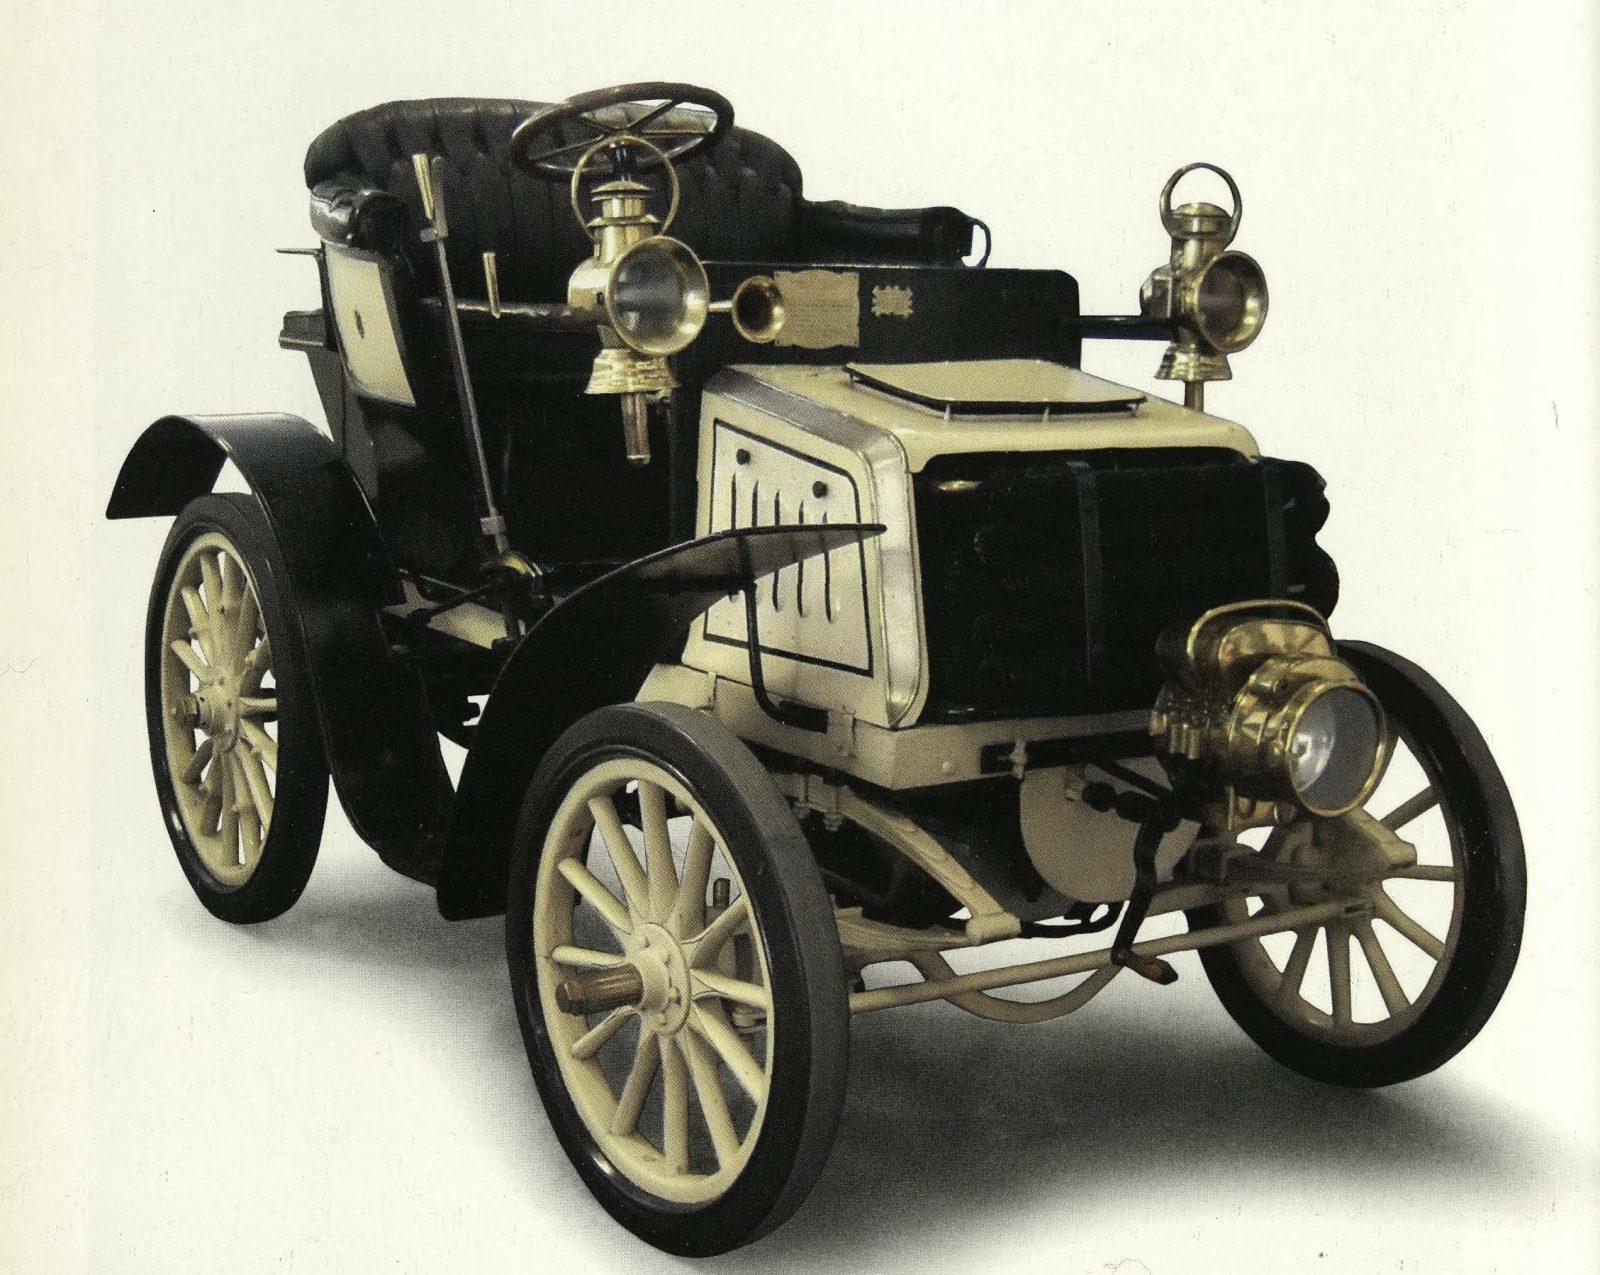 """FIAT modello 8HP, 1901 (fonte: ACI, """"Automobile Club Torino: centodieci anni di emozioni"""")"""